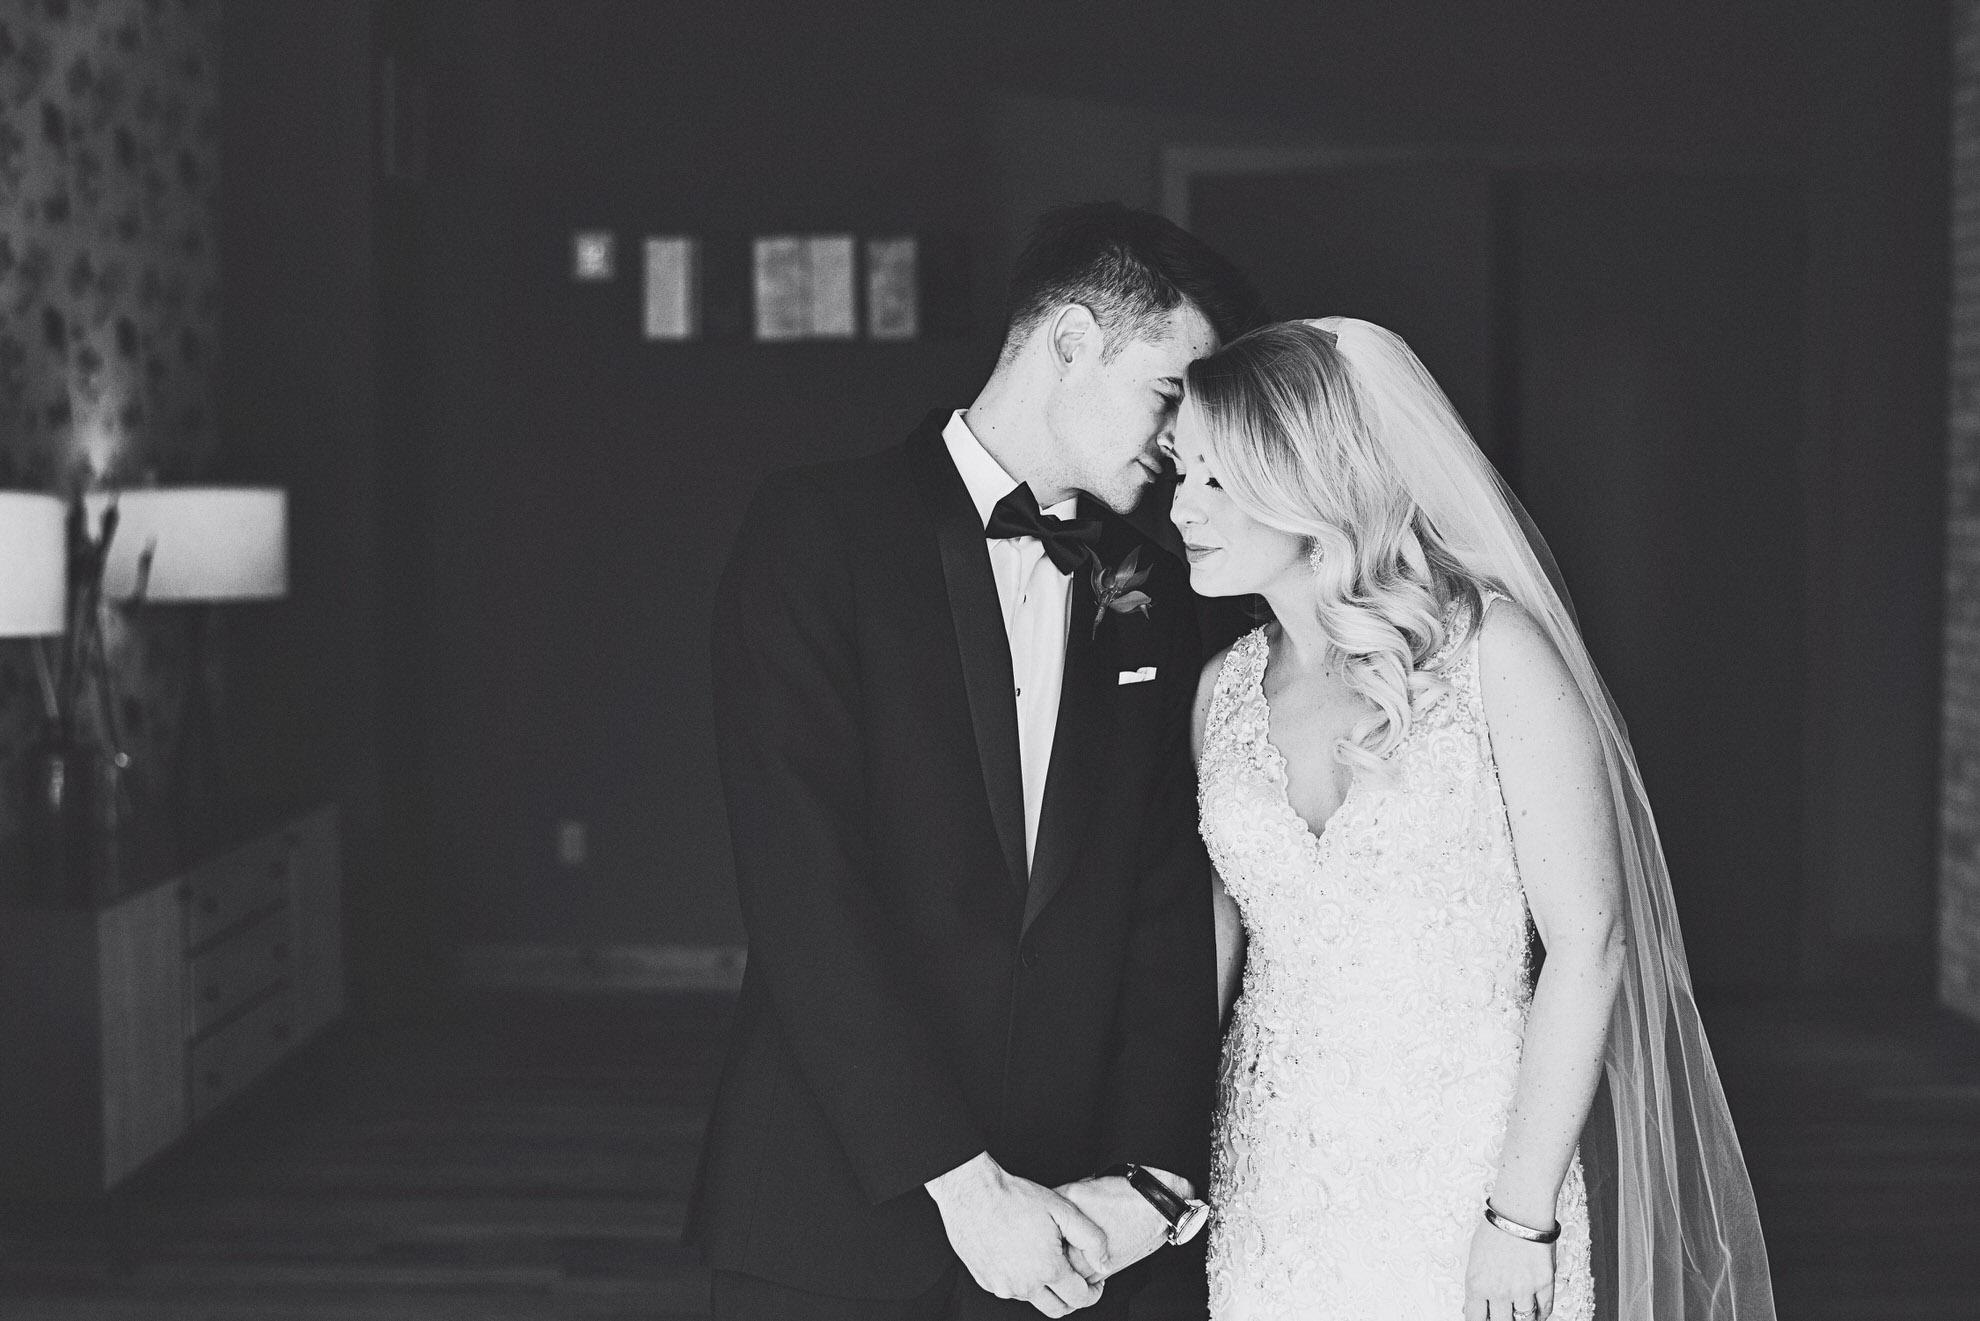 erika_Alex_wedding_by_lucas_botz_photography_0824.jpg